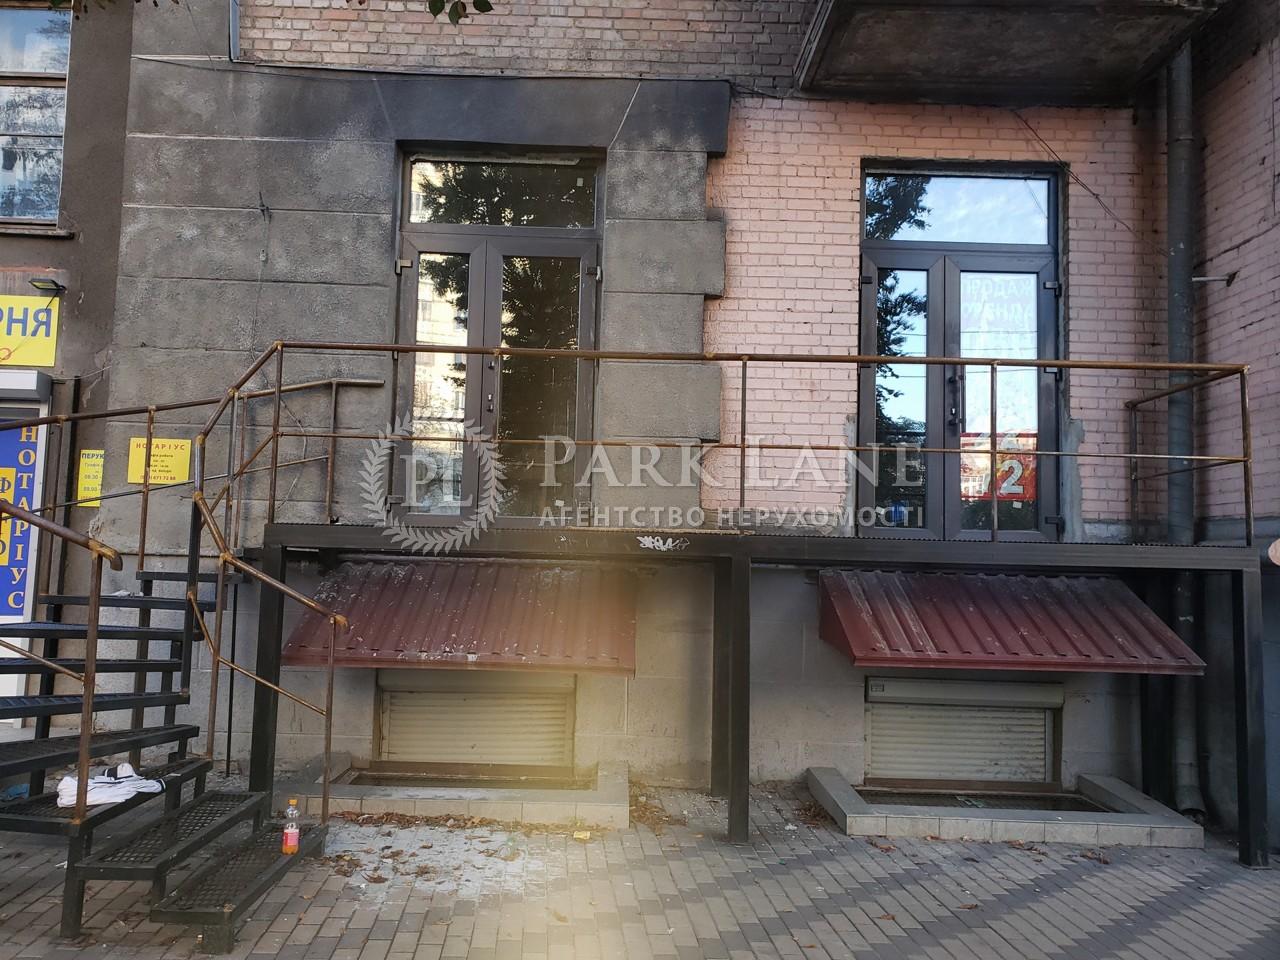 Нежилое помещение, Воздухофлотский просп., Киев, R-40499 - Фото 3